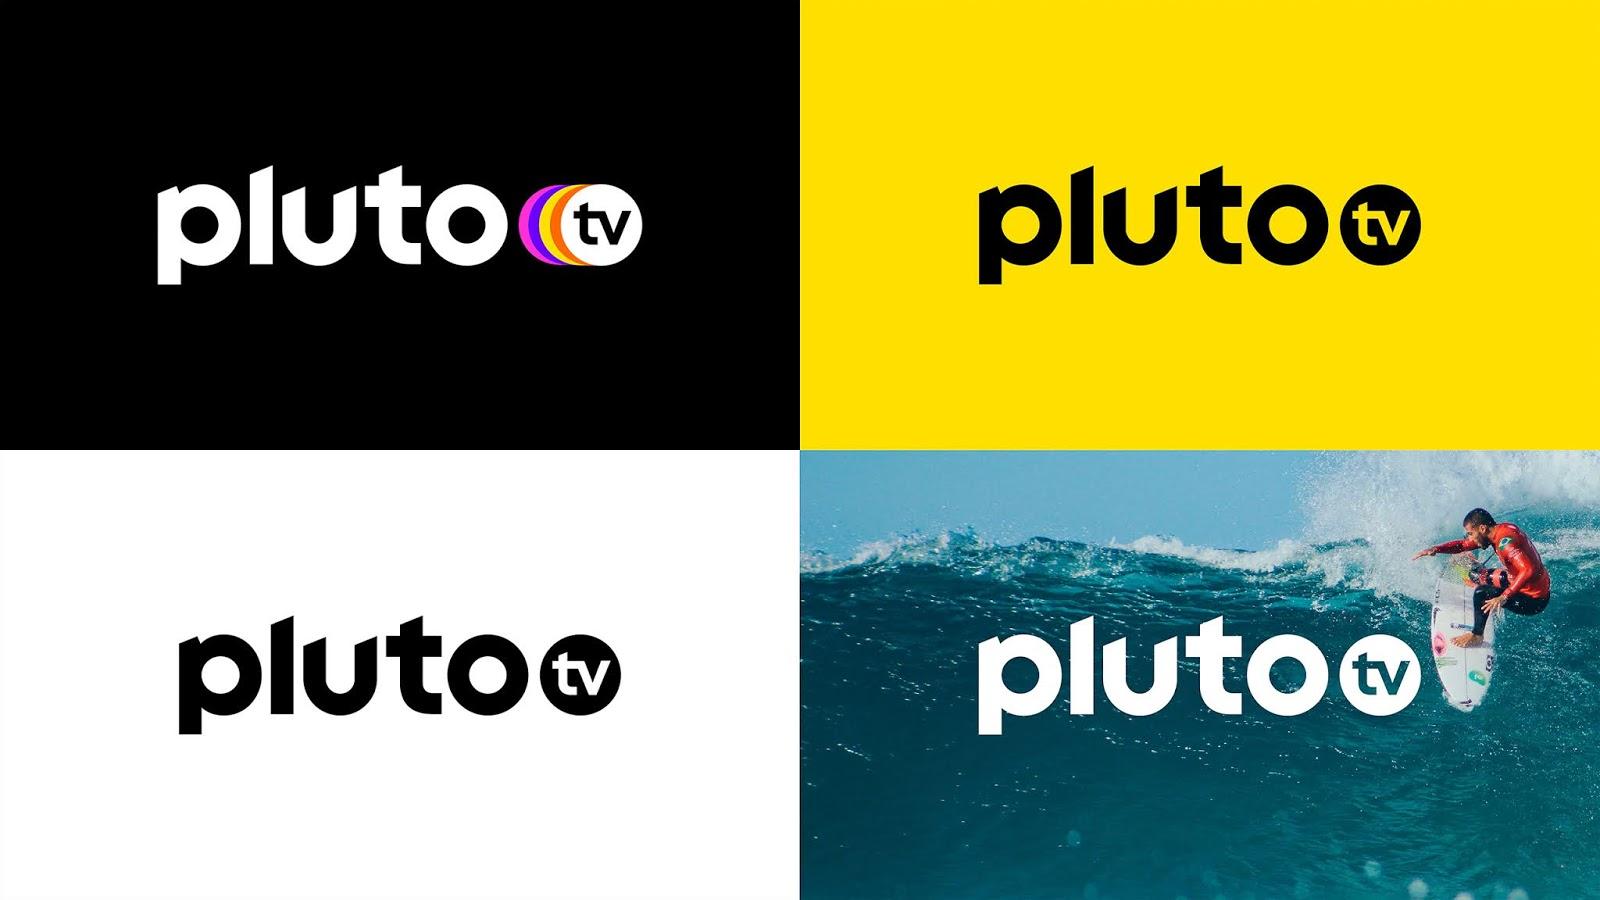 Descargar Pluto TV ya es posible en iOS, Android y APK. Te contamos cómo hacerlo.